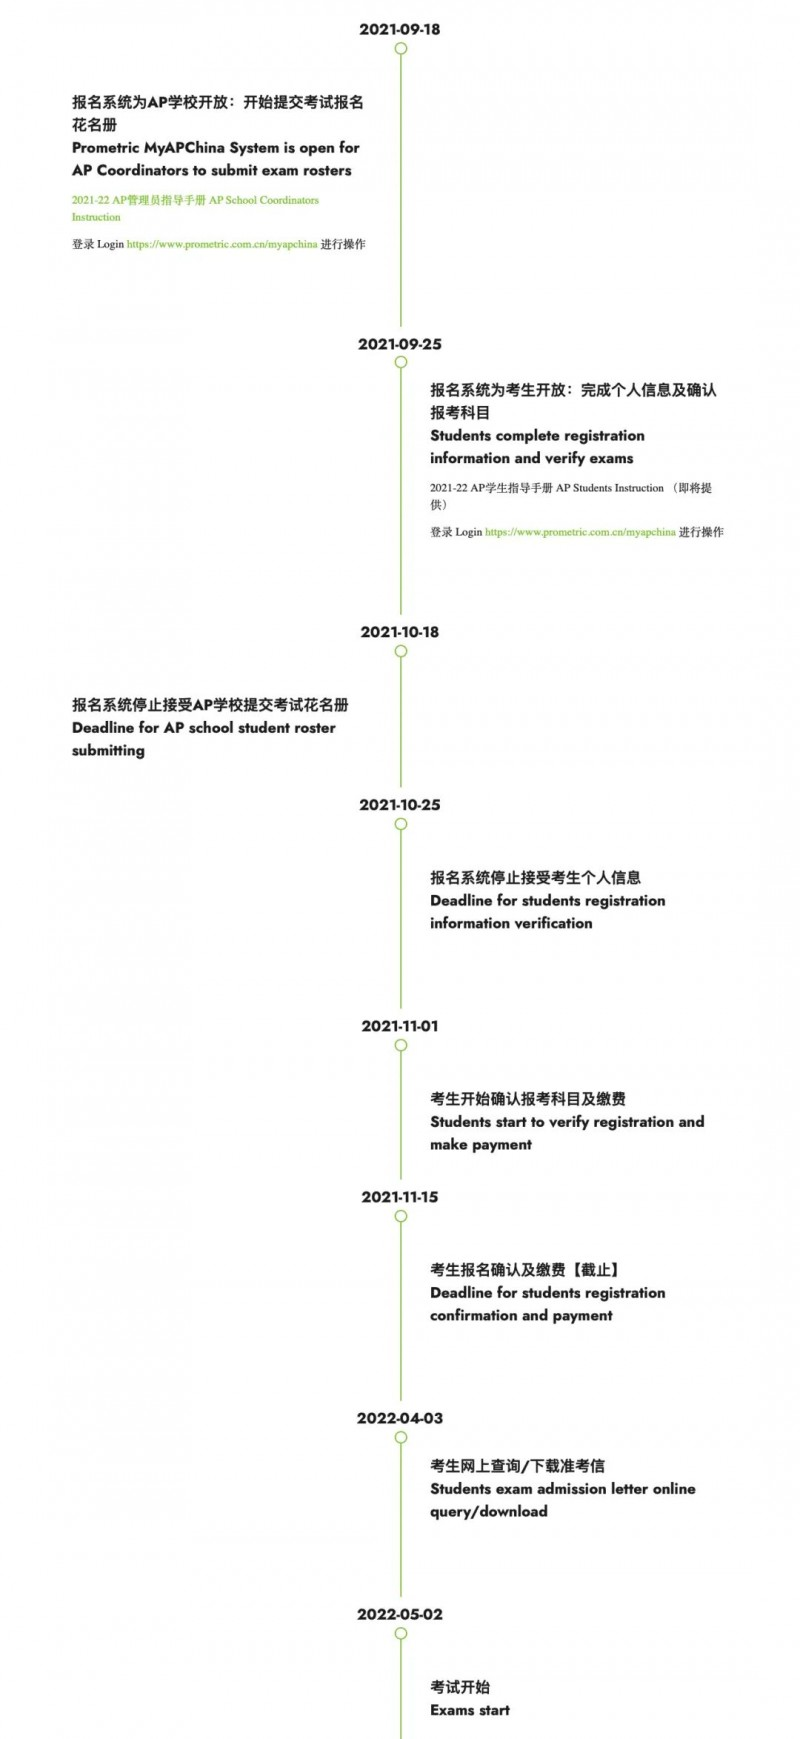 4地2022AP考试报名全开 陆港新韩注册攻略汇总内容图片_5